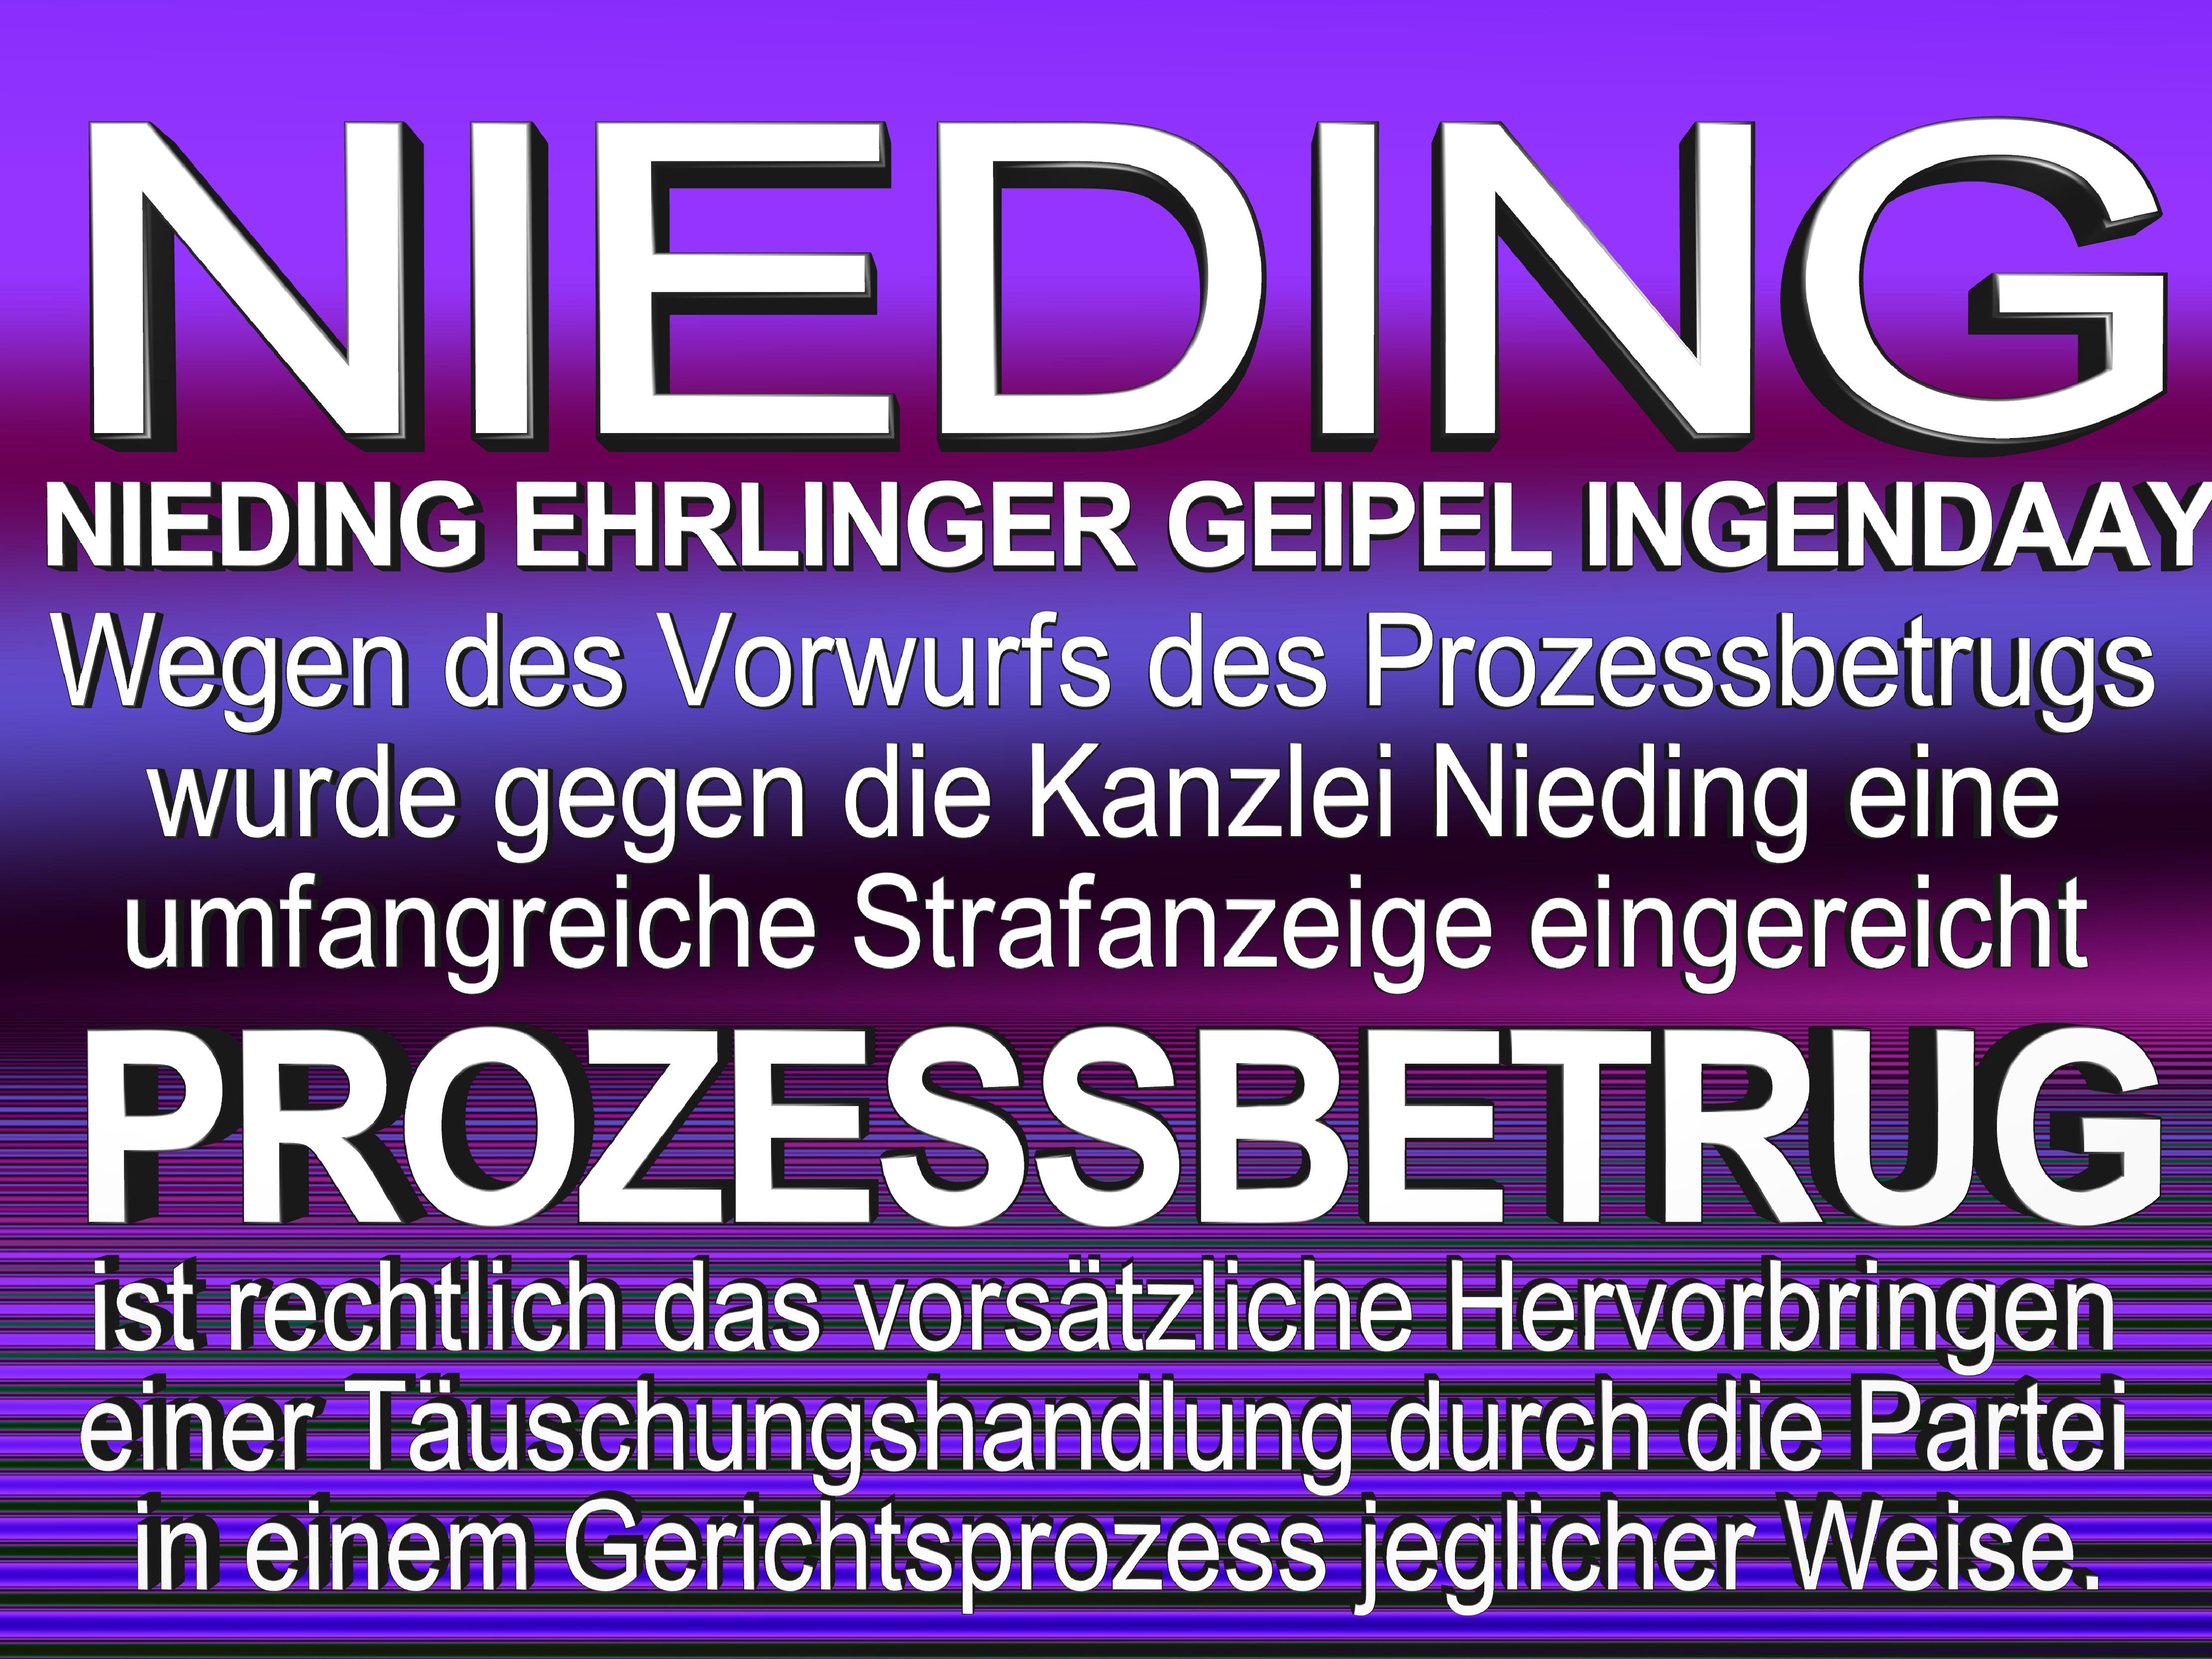 NIEDING EHRLINGER GEIPEL INGENDAAY LELKE Kurfürstendamm 66 Berlin (35)